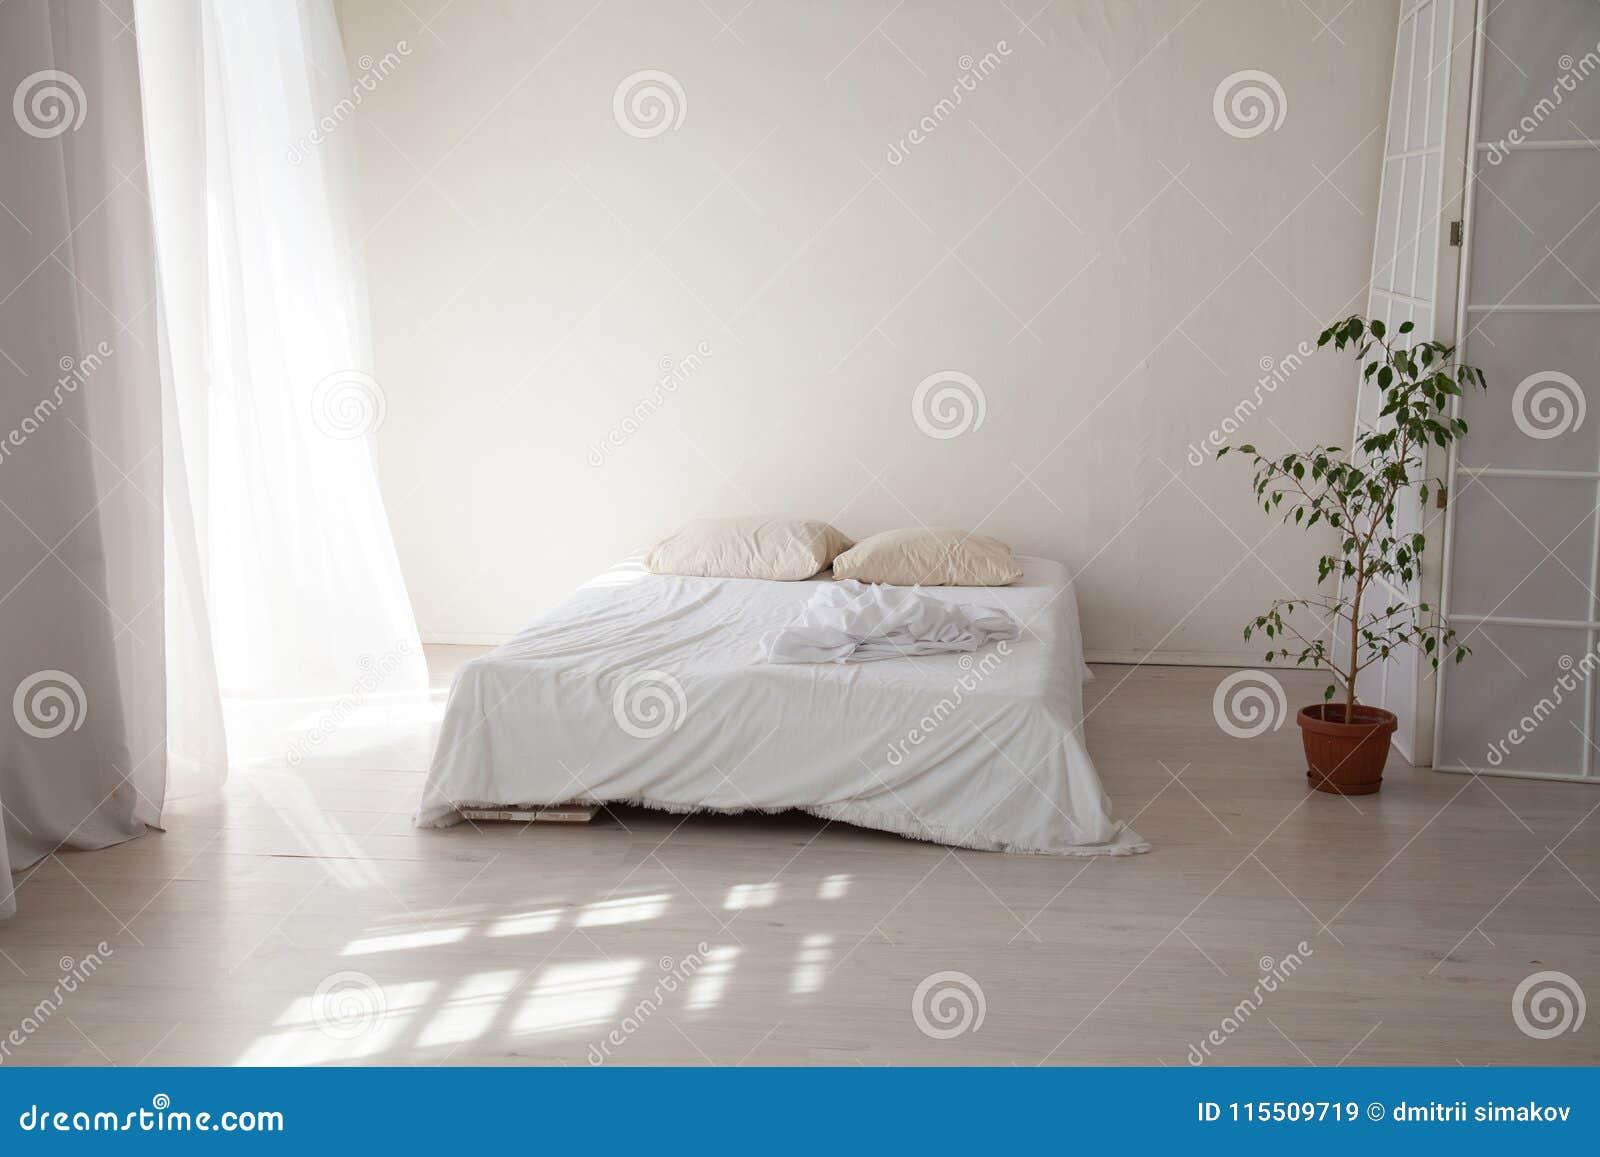 Slaapkamer Groen Wit : Slaapkamer met een wit bed en een groene installatie stock